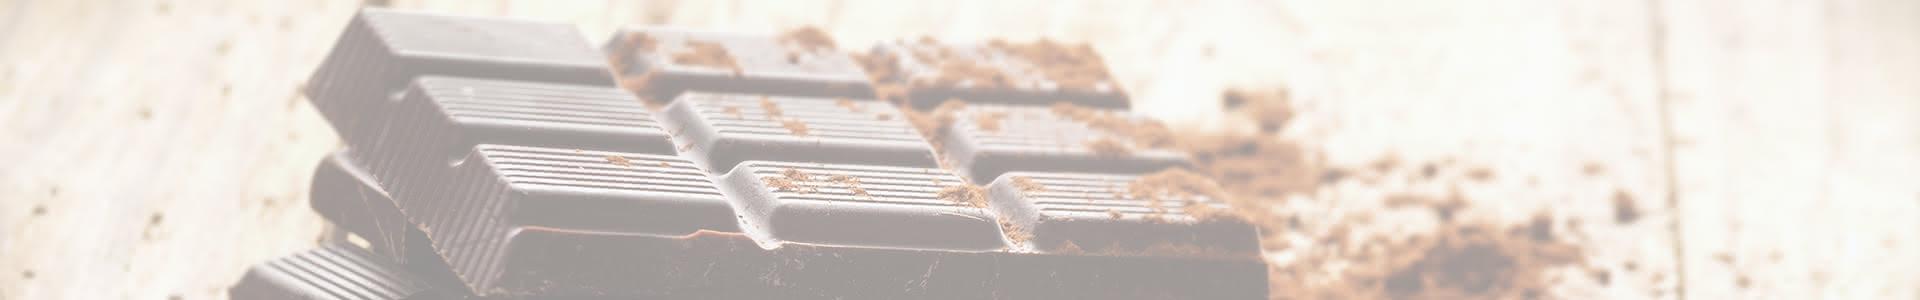 ¿Por qué se regala chocolate en San Valentín?